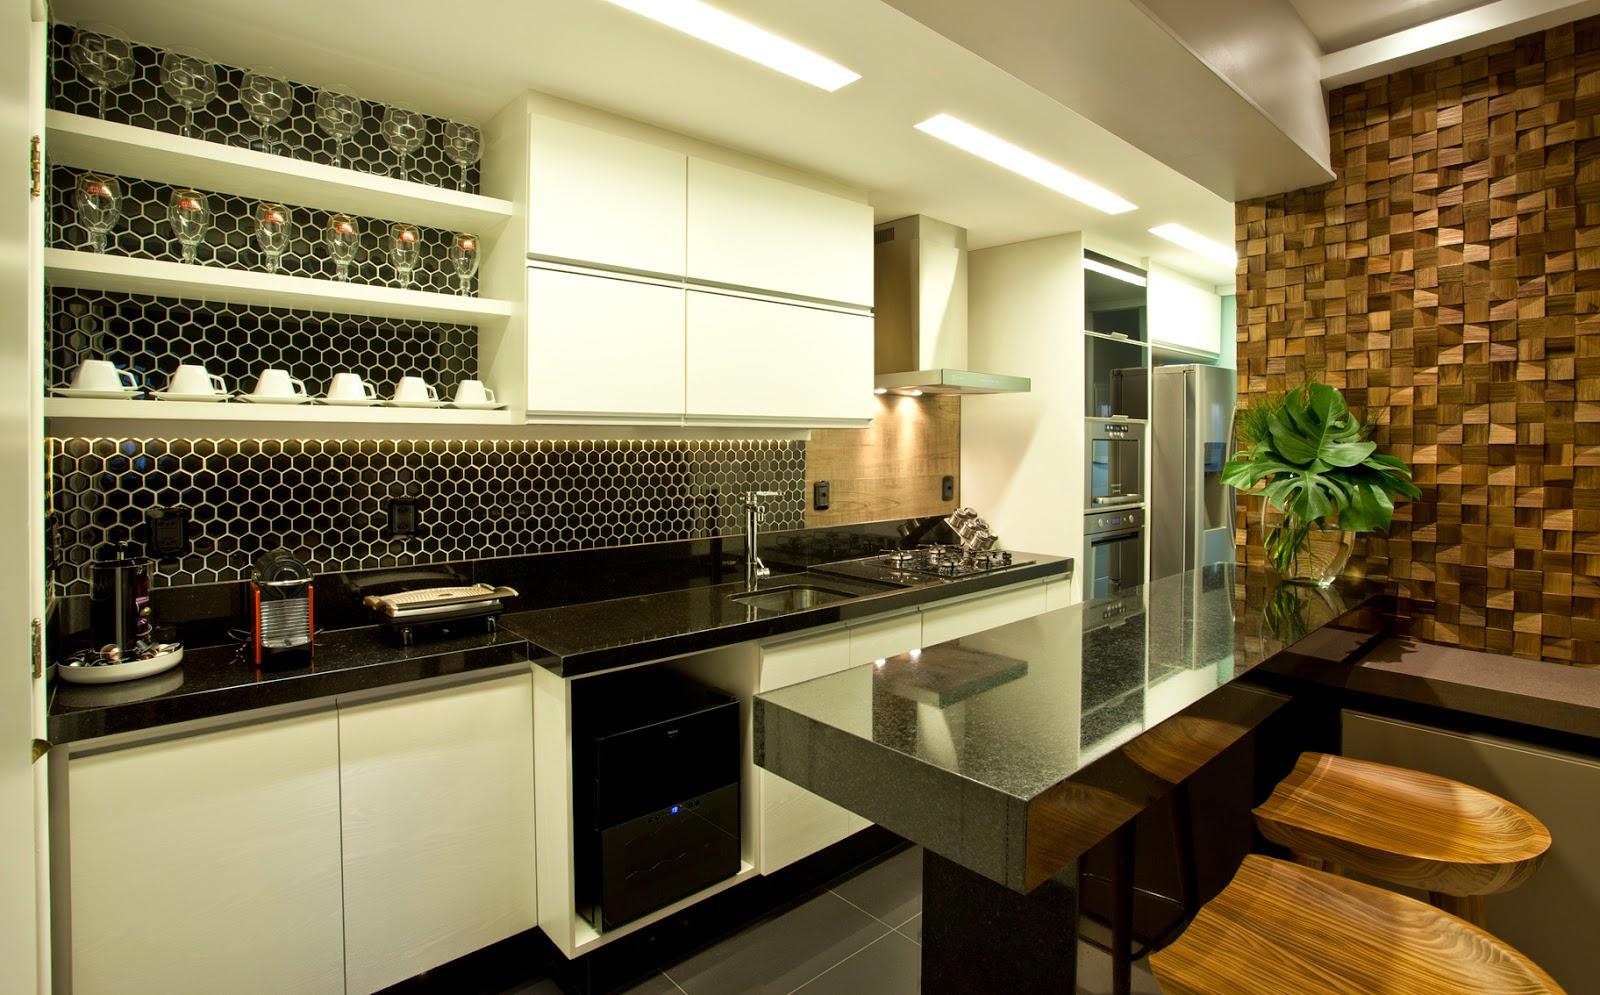 Das Leles Material Para Bancada De Cozinha E Banheiro ~ Bancada Cozinha Granito Preto